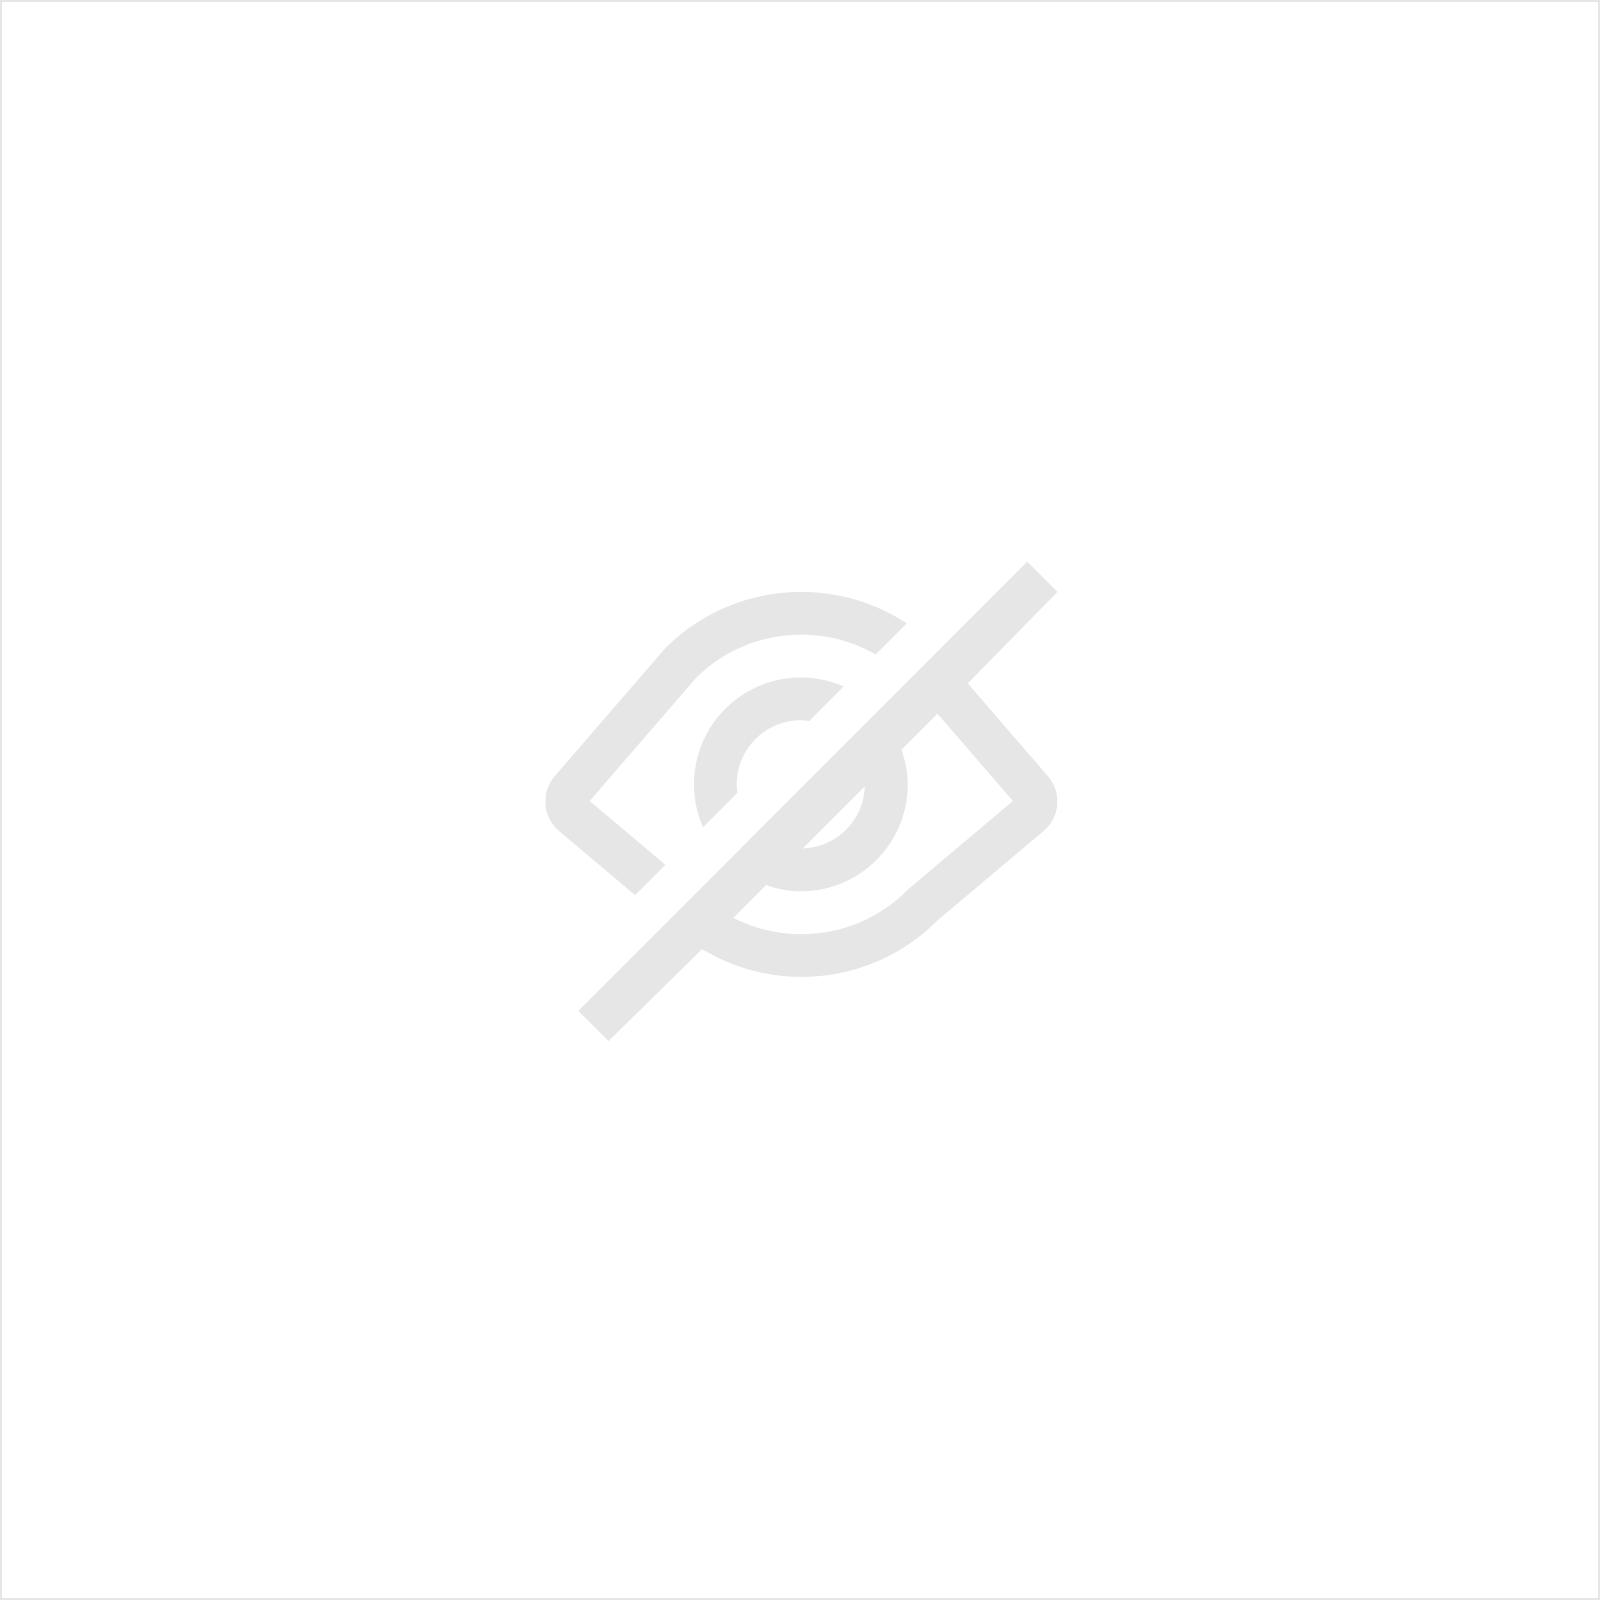 MARVEL MYSTERY OLIE - FLES 946 ML